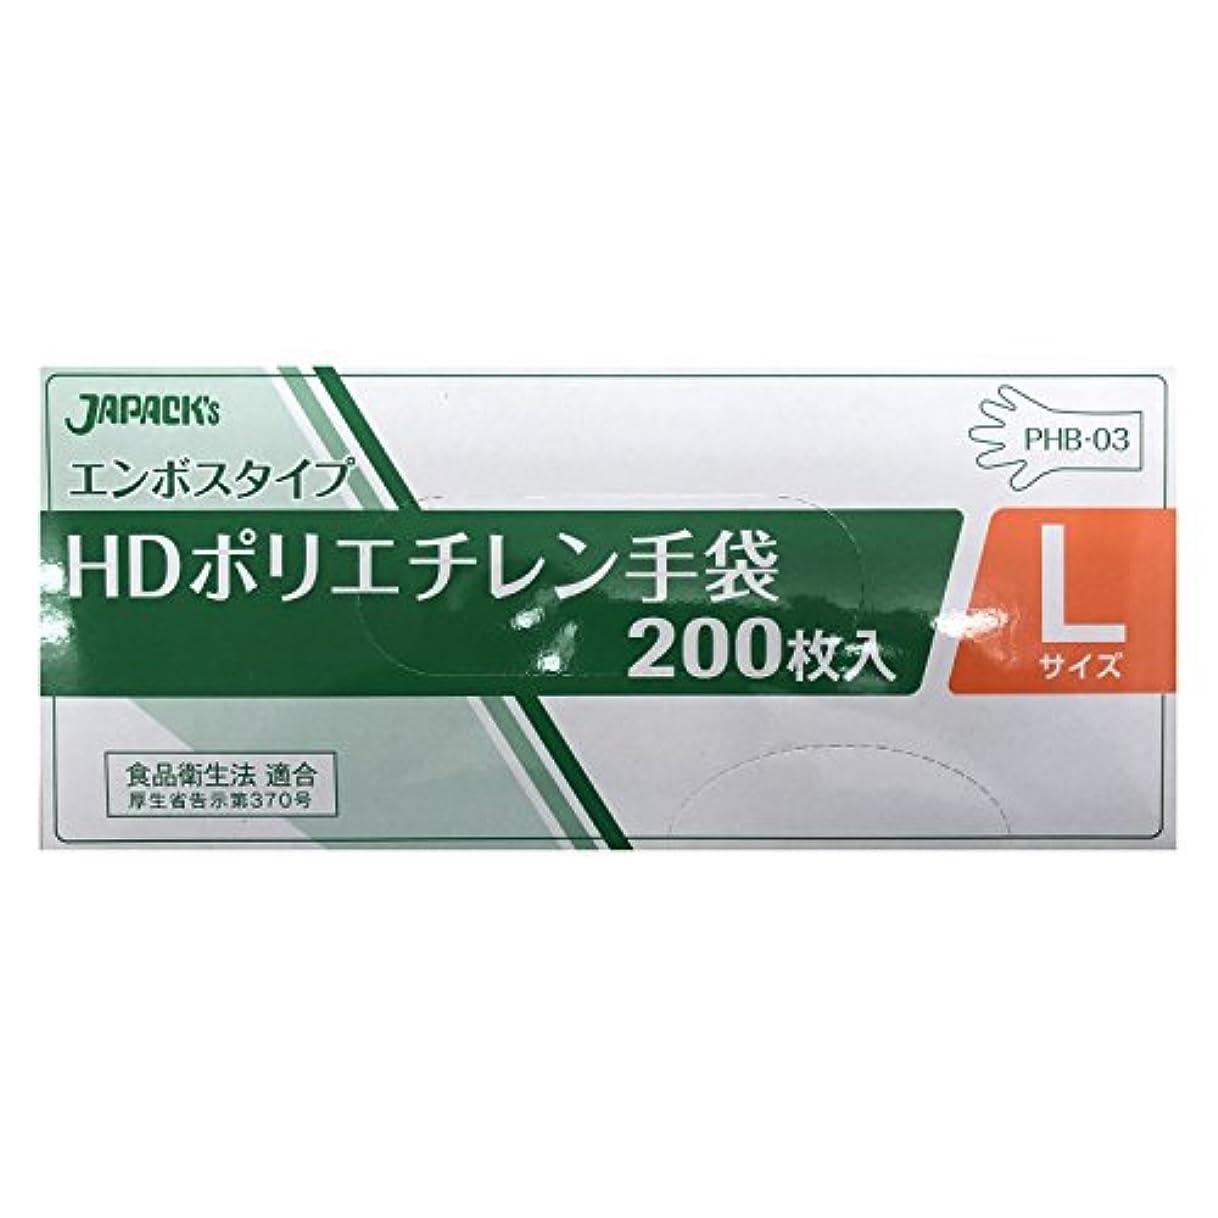 相互接続本土略語エンボスタイプ HDポリエチレン手袋 Lサイズ BOX 200枚入 無着色 PHB-03